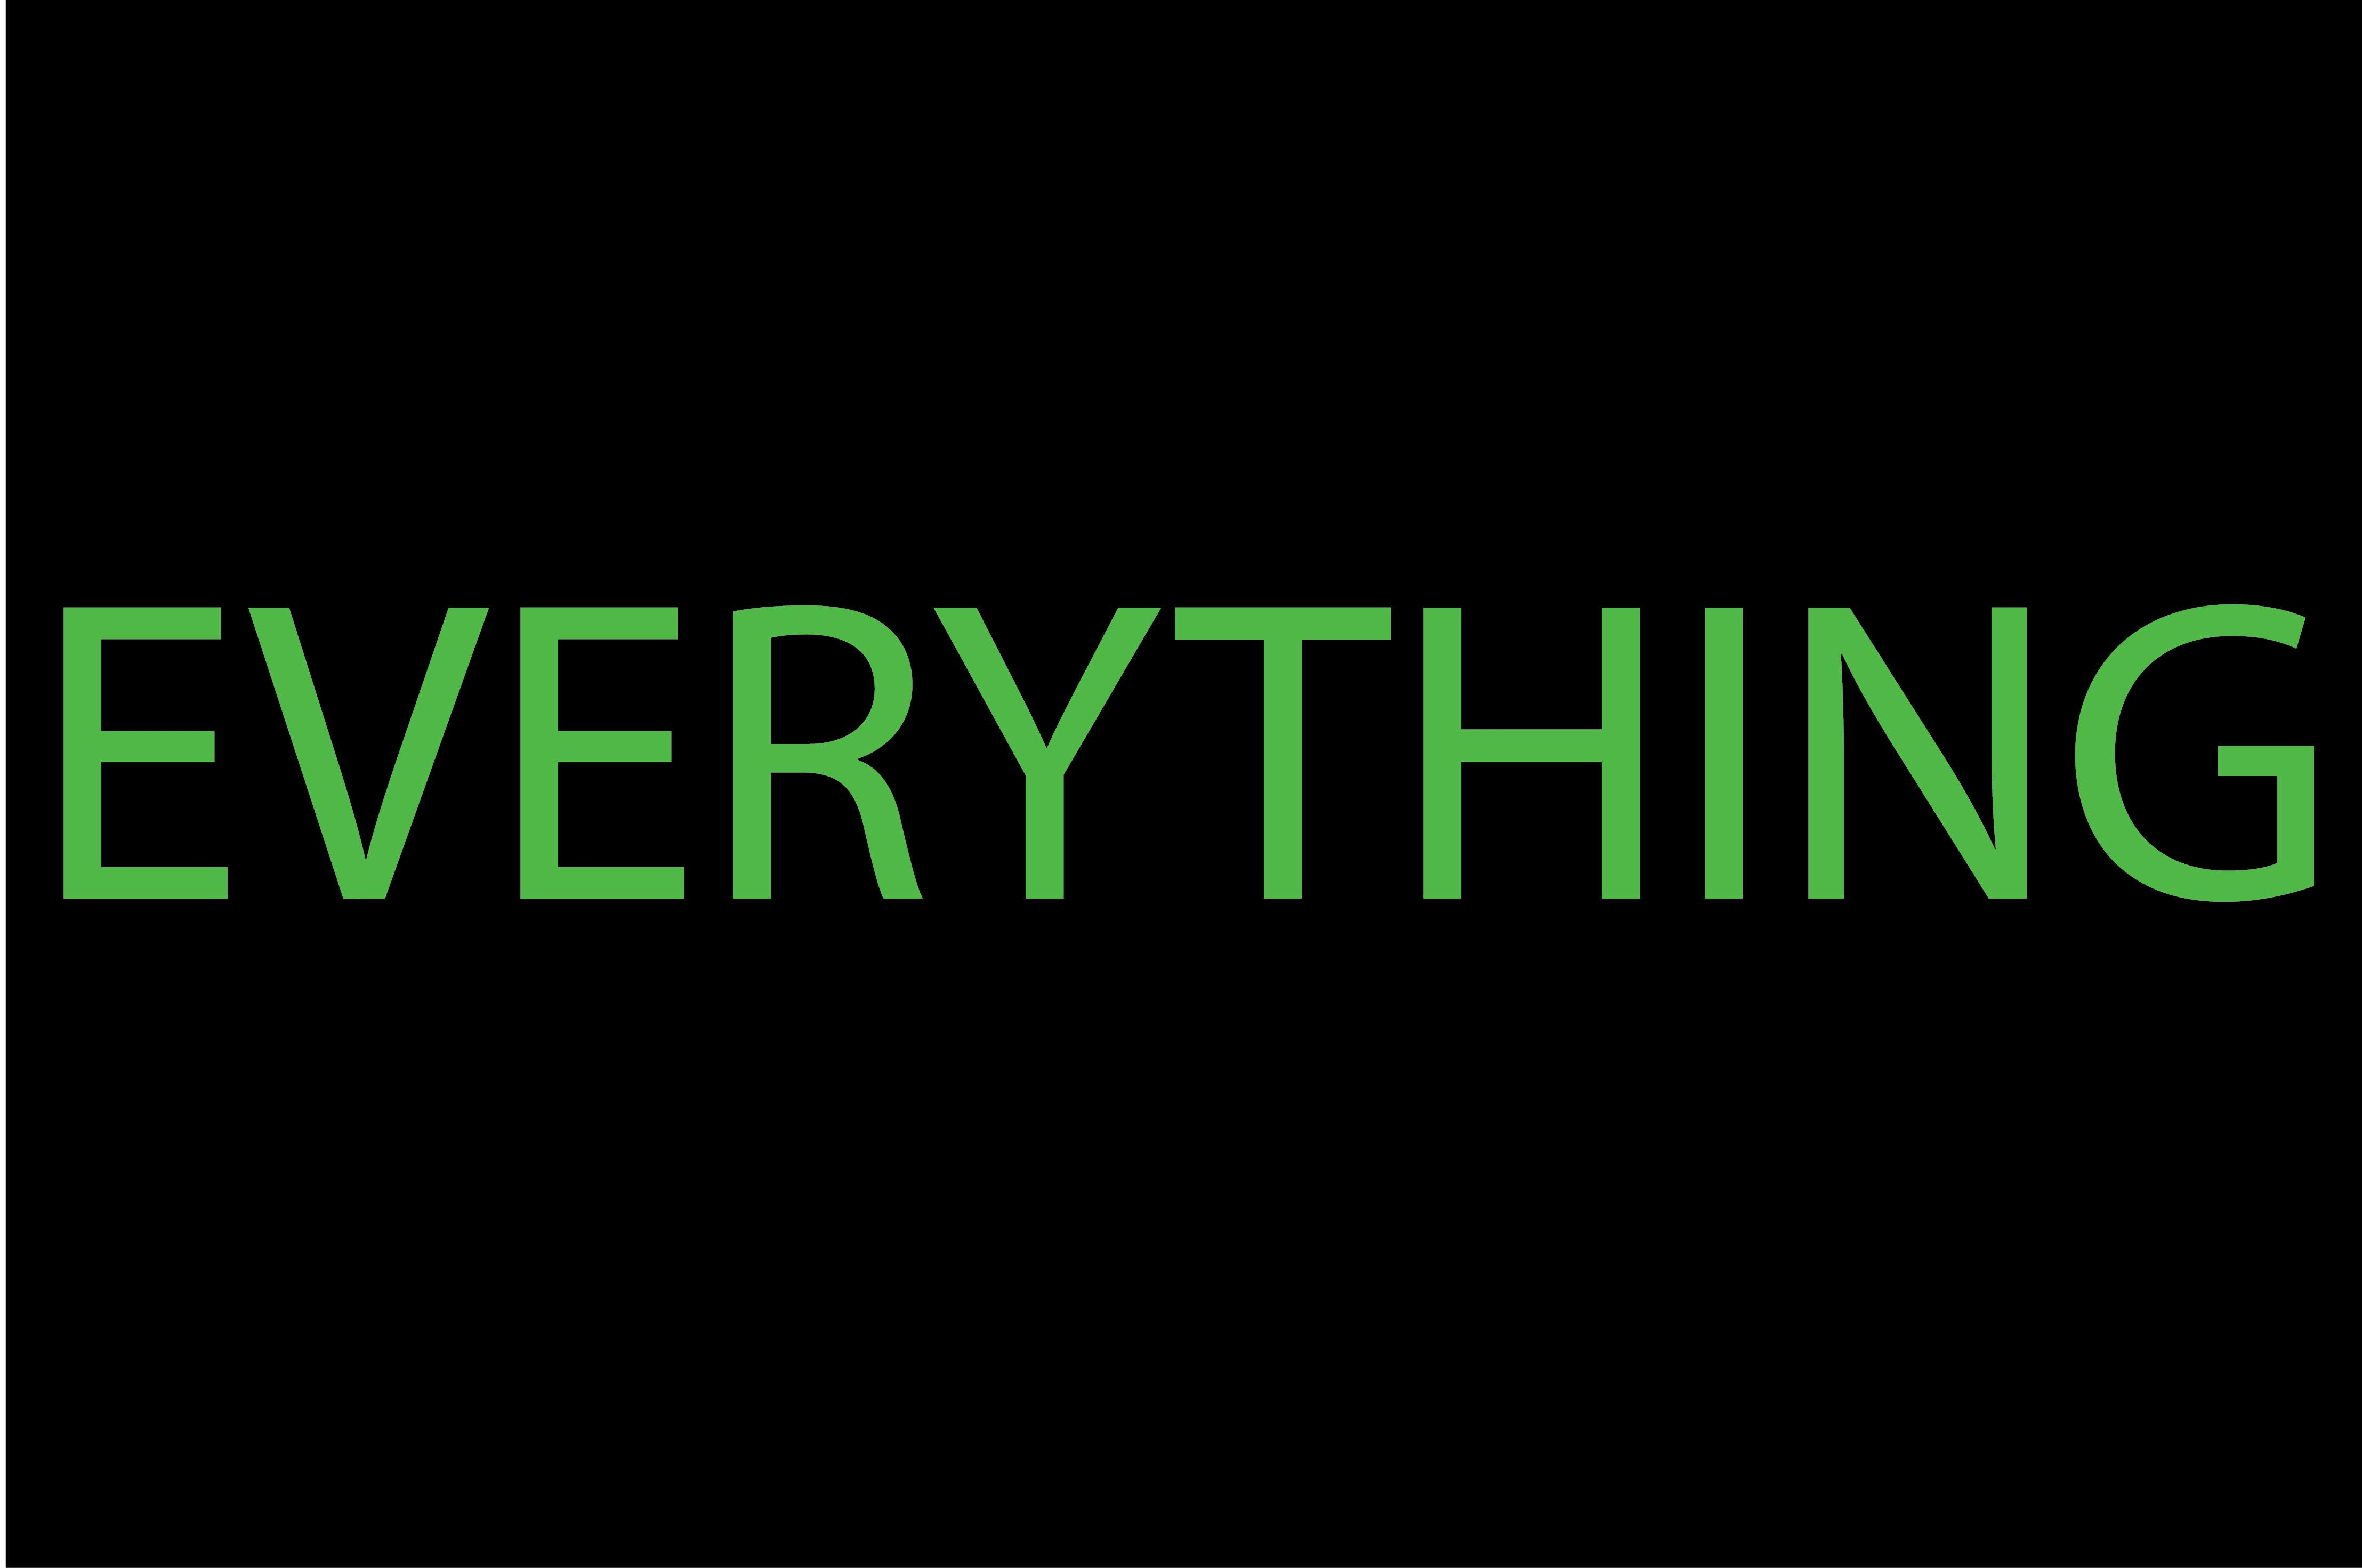 everything-02.jpg